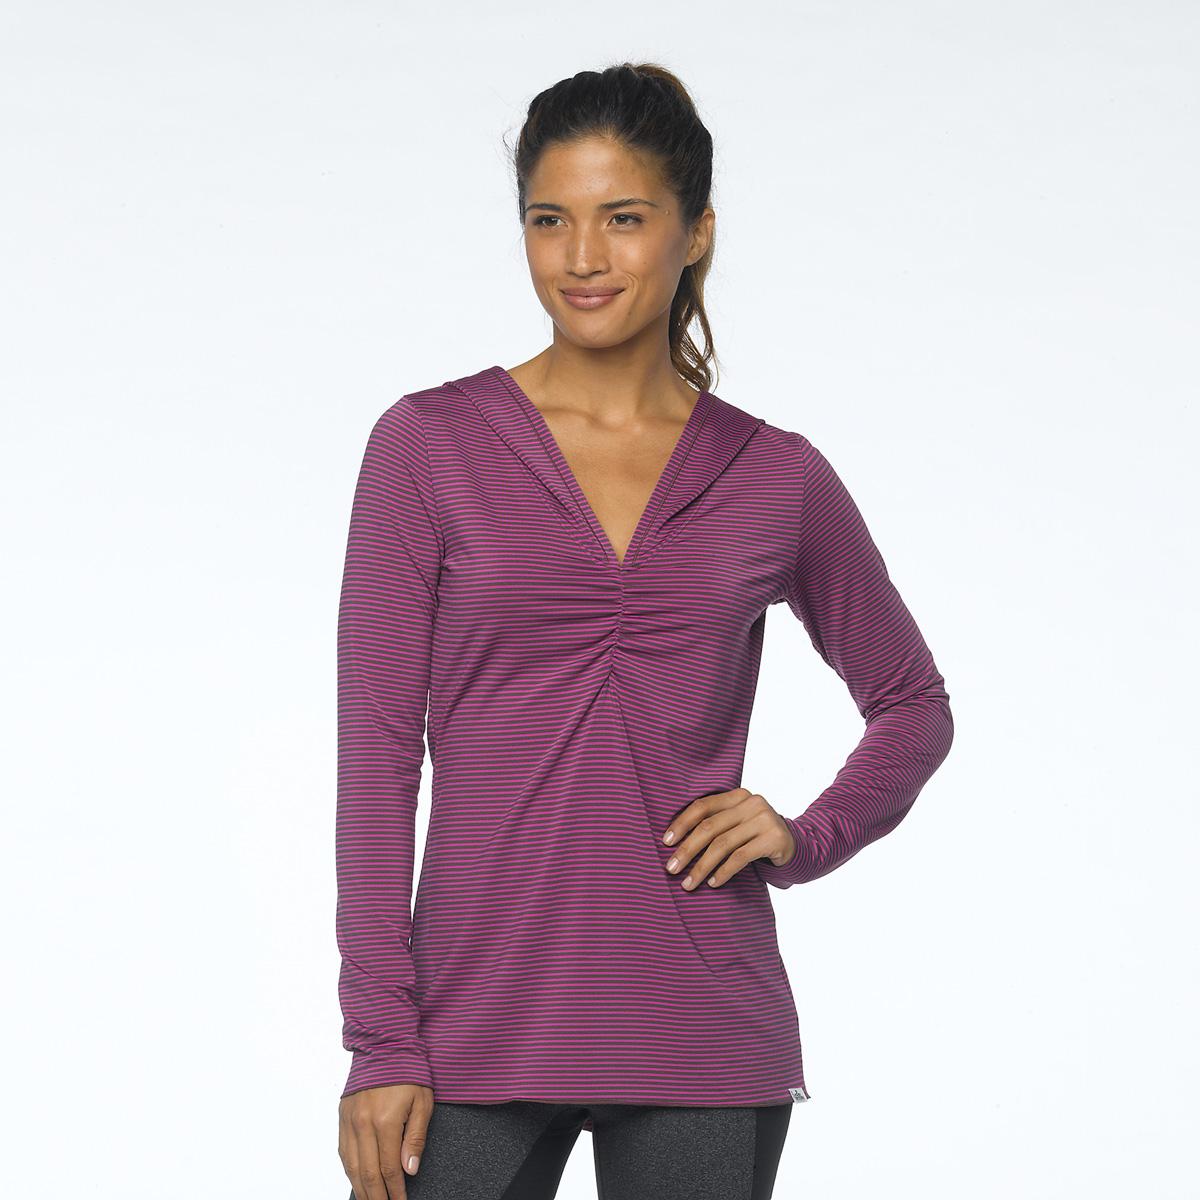 prana perry stripe pullover femme pulls sweats epictv shop. Black Bedroom Furniture Sets. Home Design Ideas